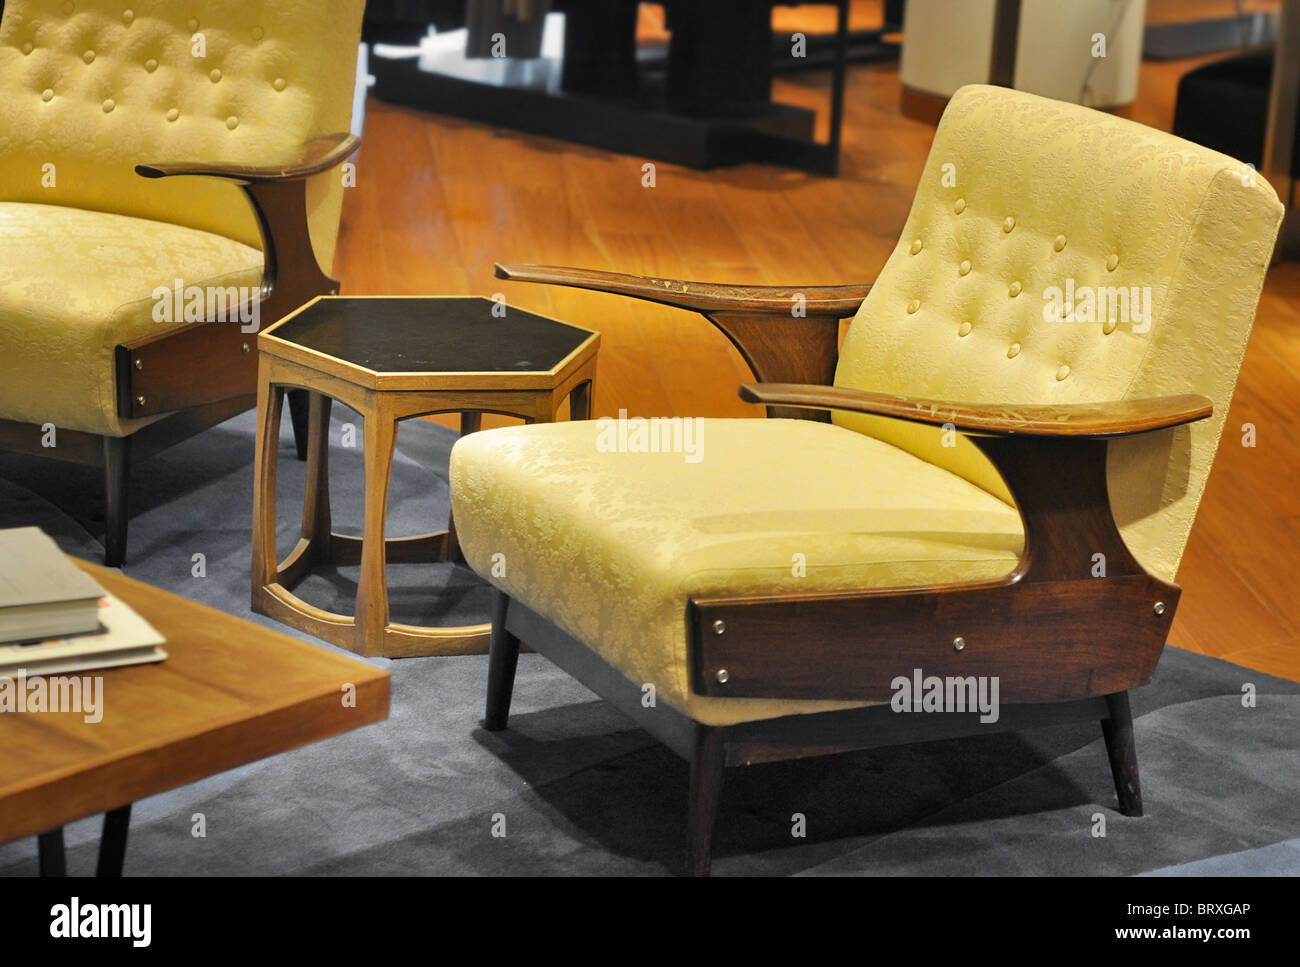 1950s Furniture Stock Photos & 1950s Furniture Stock ...